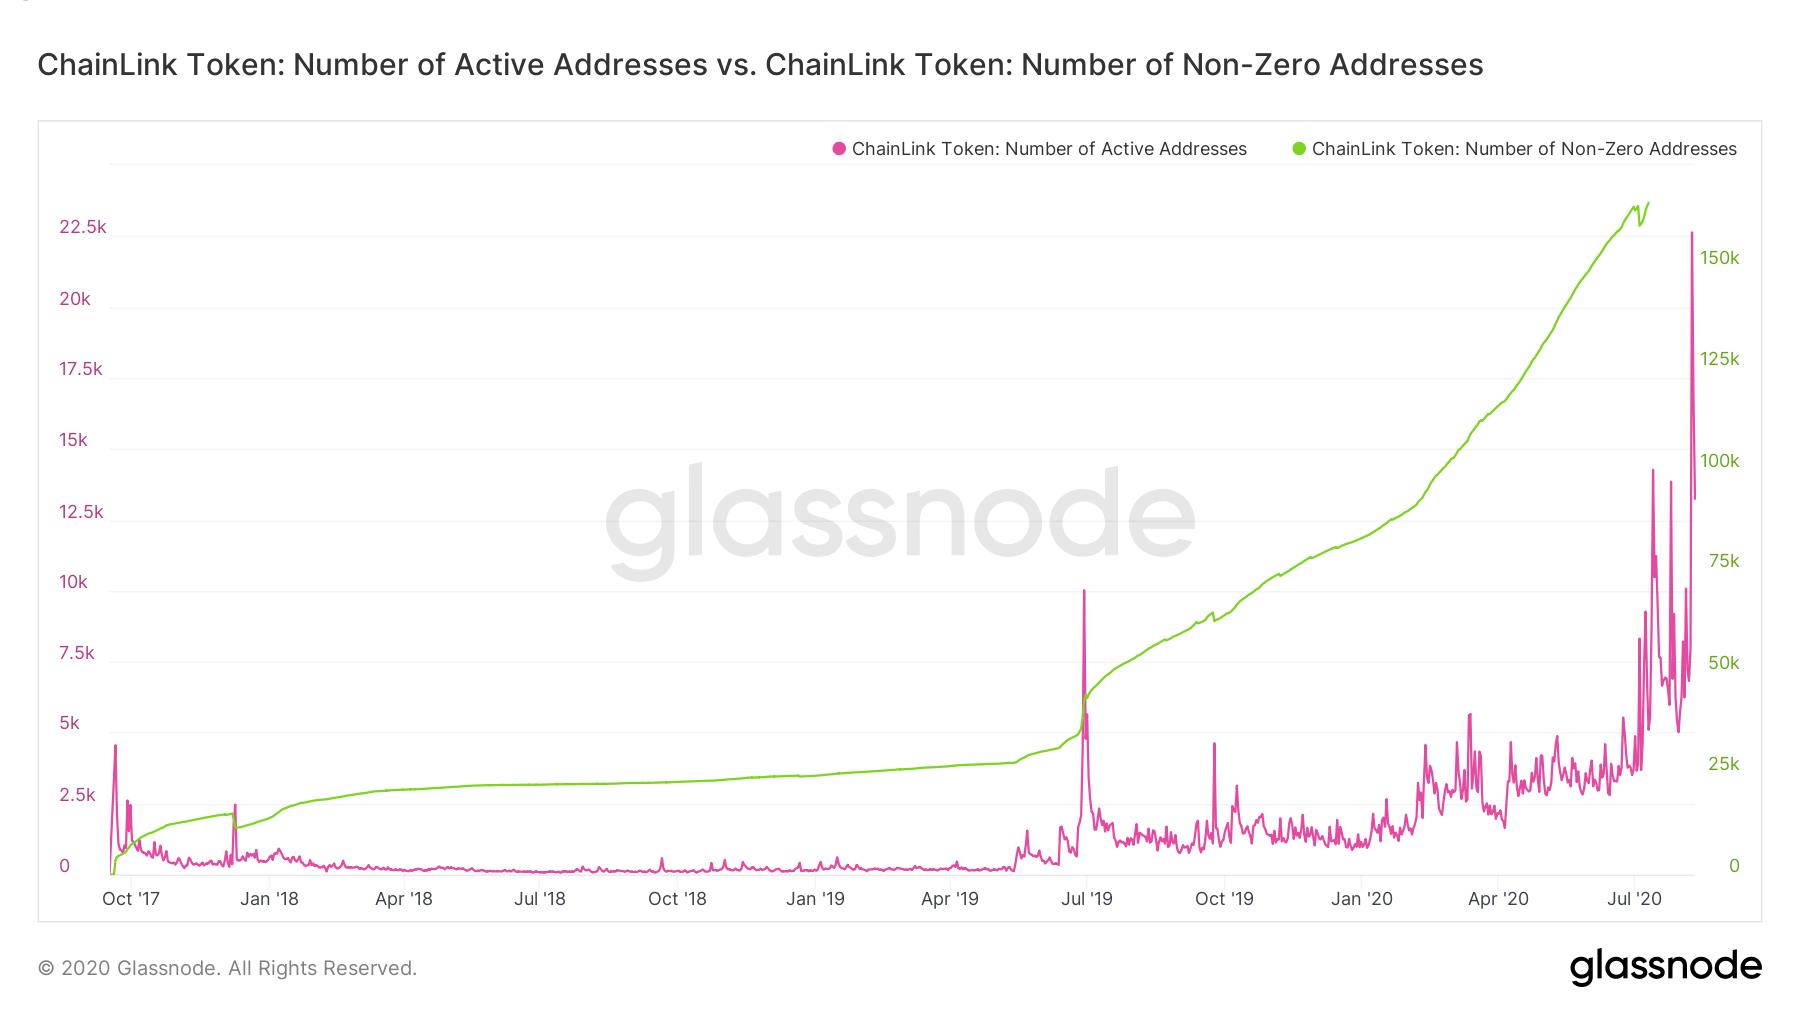 glassnode-studio_chainlink-token-number-of-active-addresses-vs-chainlink-token-number-of-non-zero-addresses.png